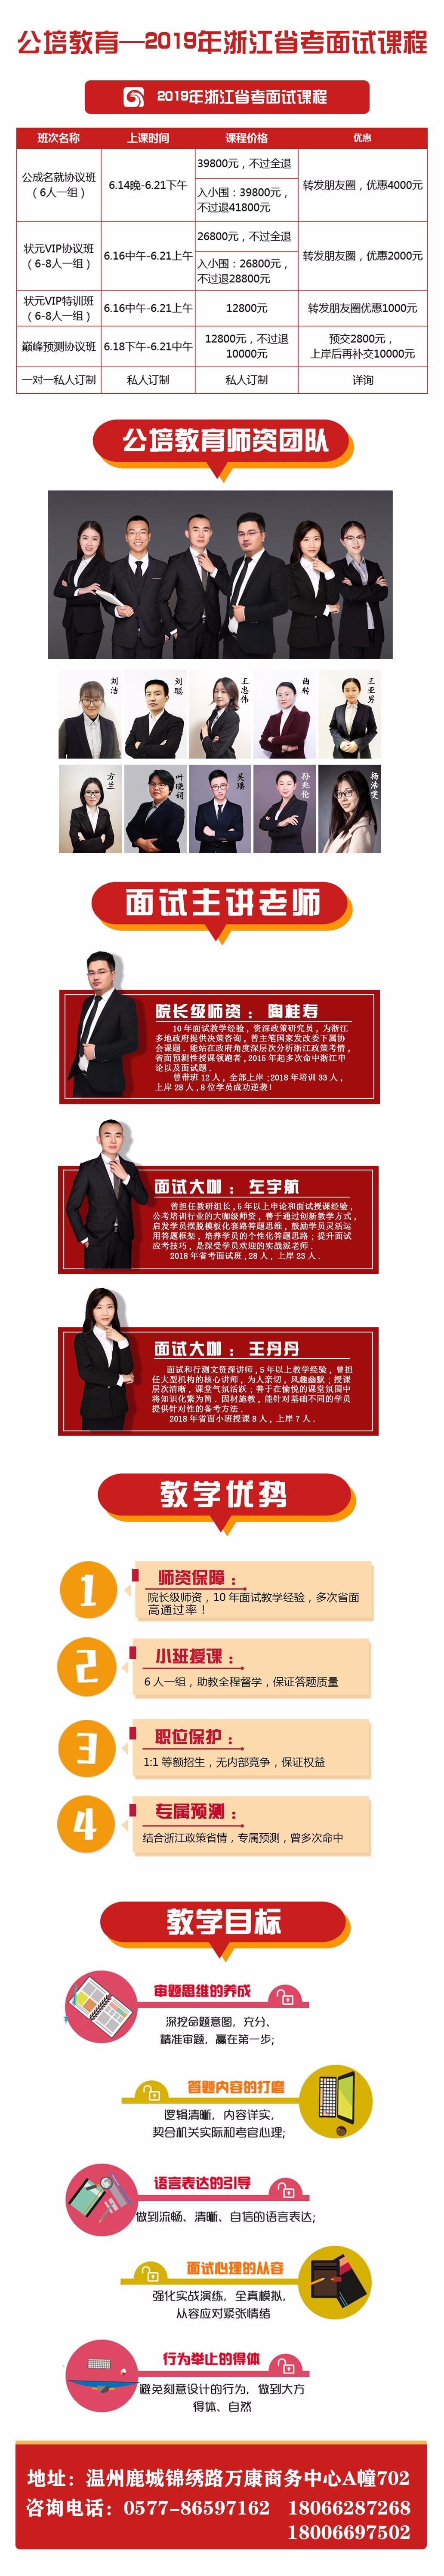 温州公务员考试|温州事业单位招聘|温州人事考试网